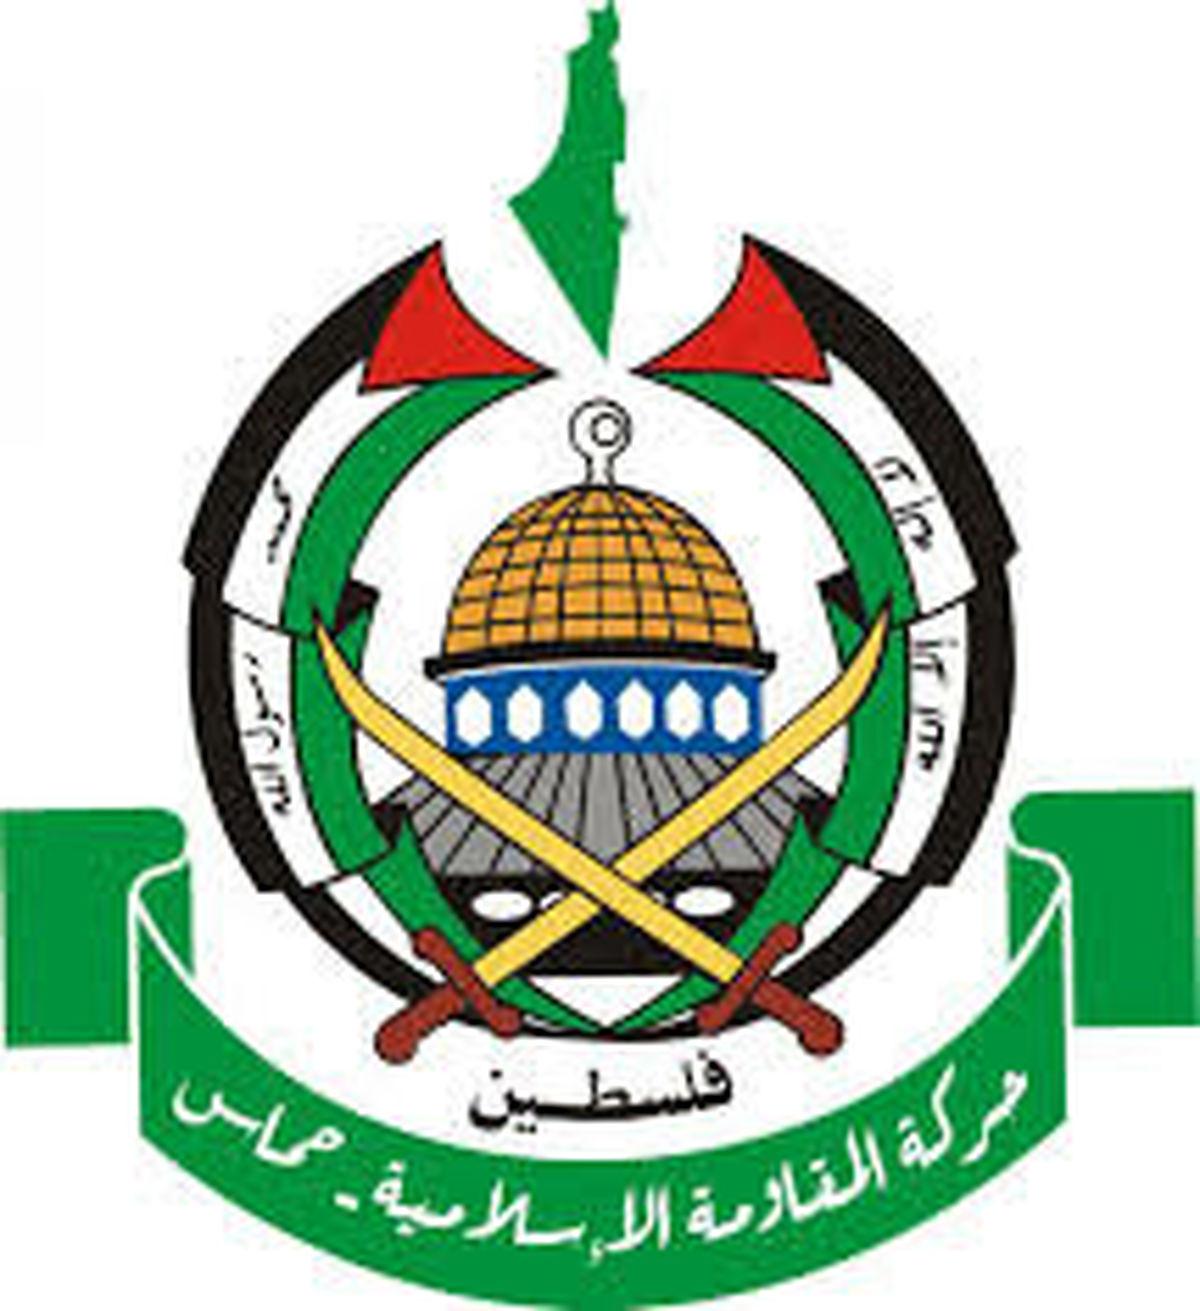 جنبش حماس ترور شهید فخریزاده را محکوم کرد